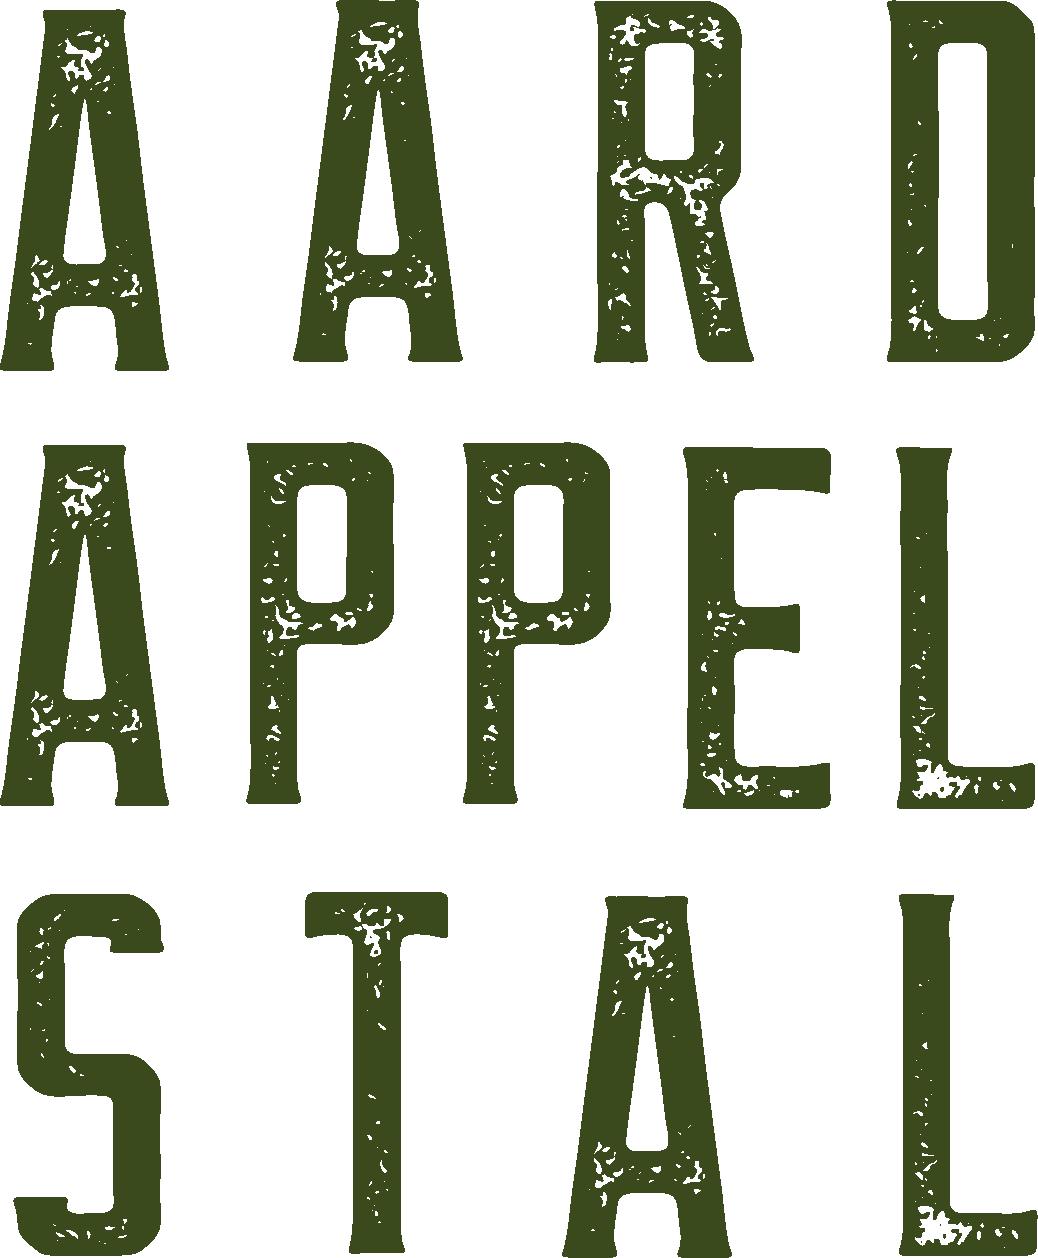 De Aardappelstal